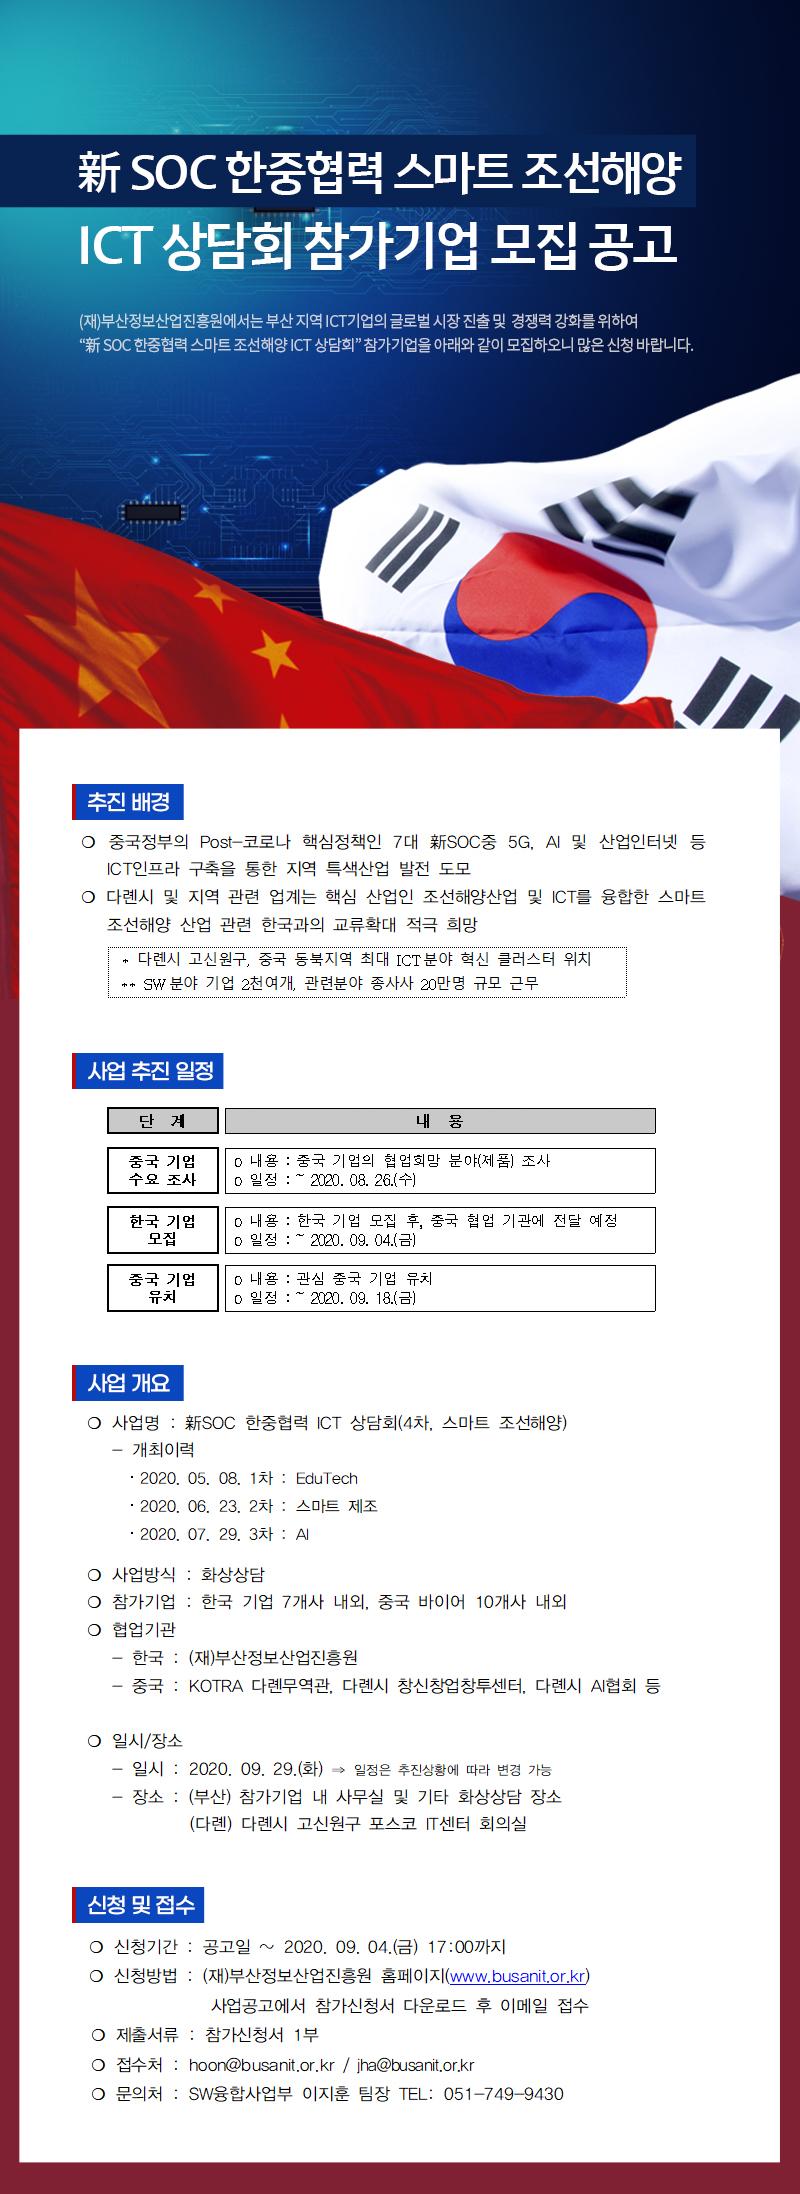 新 SOC 한중협력 스마트 조선해양 ICT 상담회 참가기업 모집공고